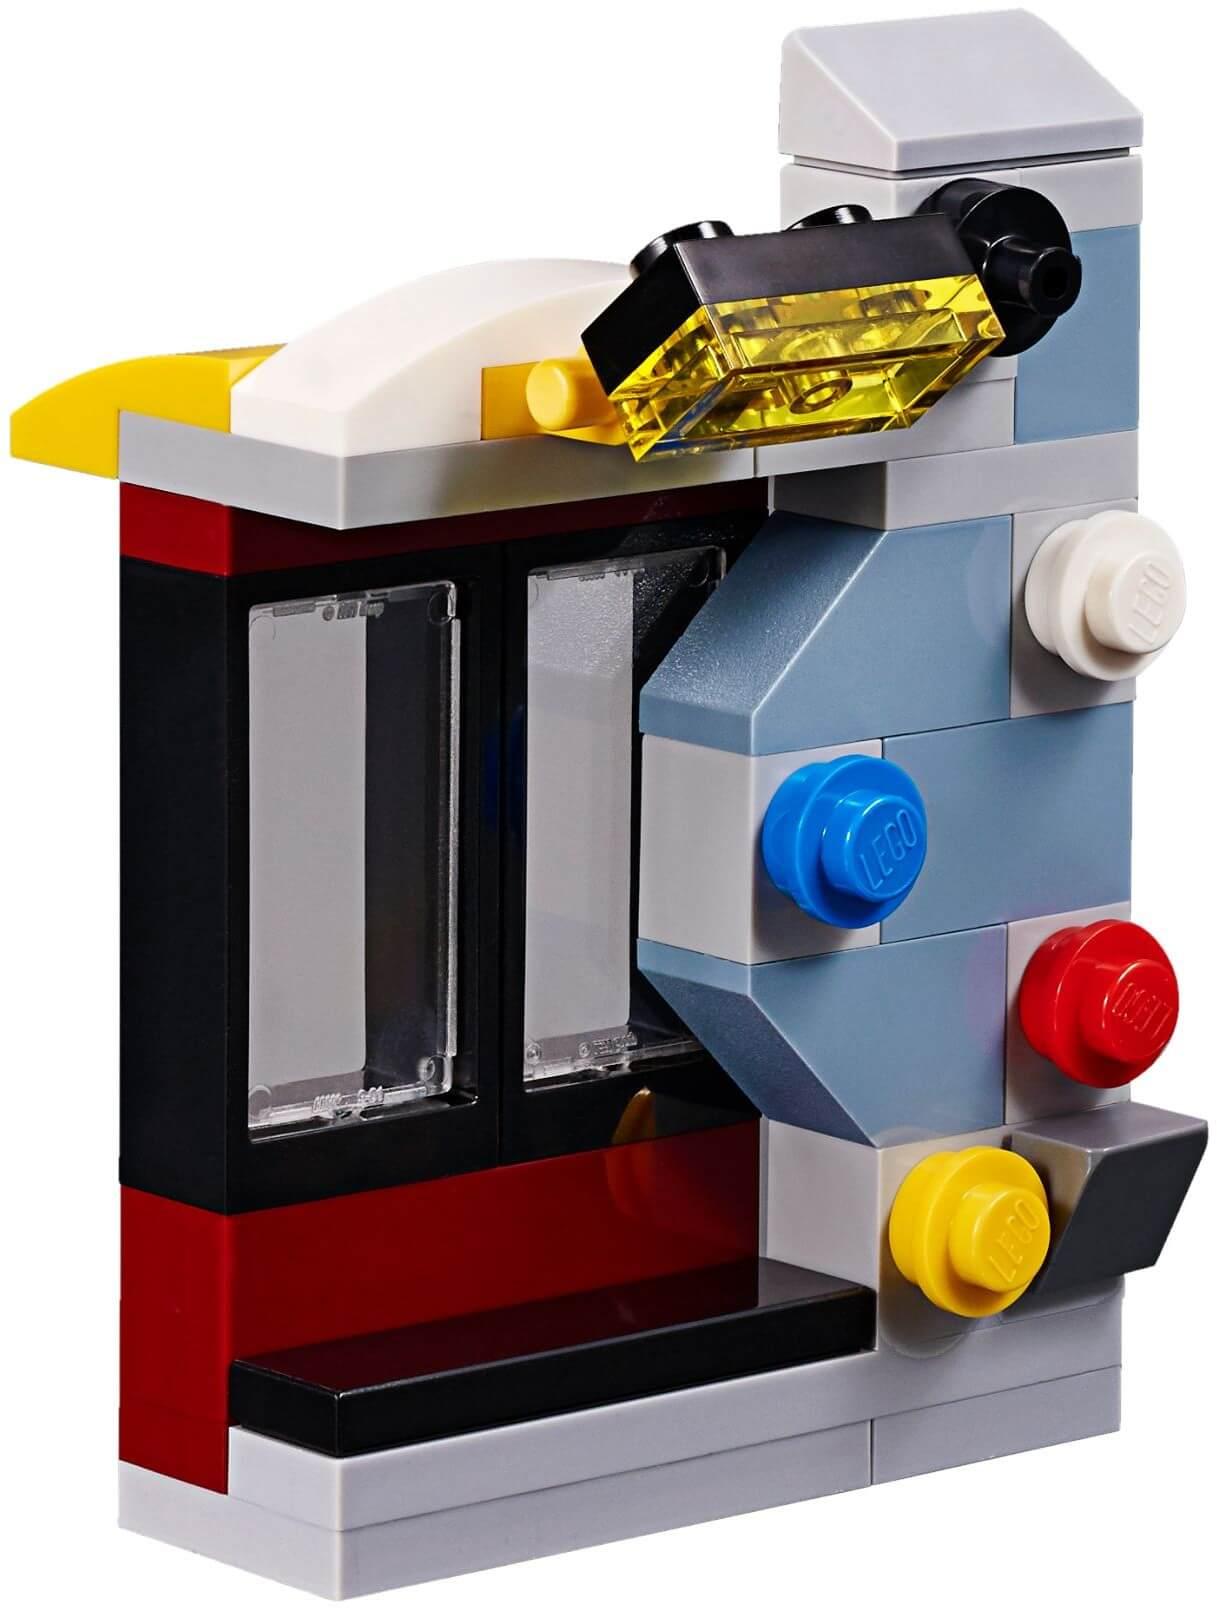 Mua đồ chơi LEGO 31081 - LEGO Creator 31081 - Khu trượt ván Mô hình 3-trong-1 (LEGO Creator 31081 Modular Skate House)